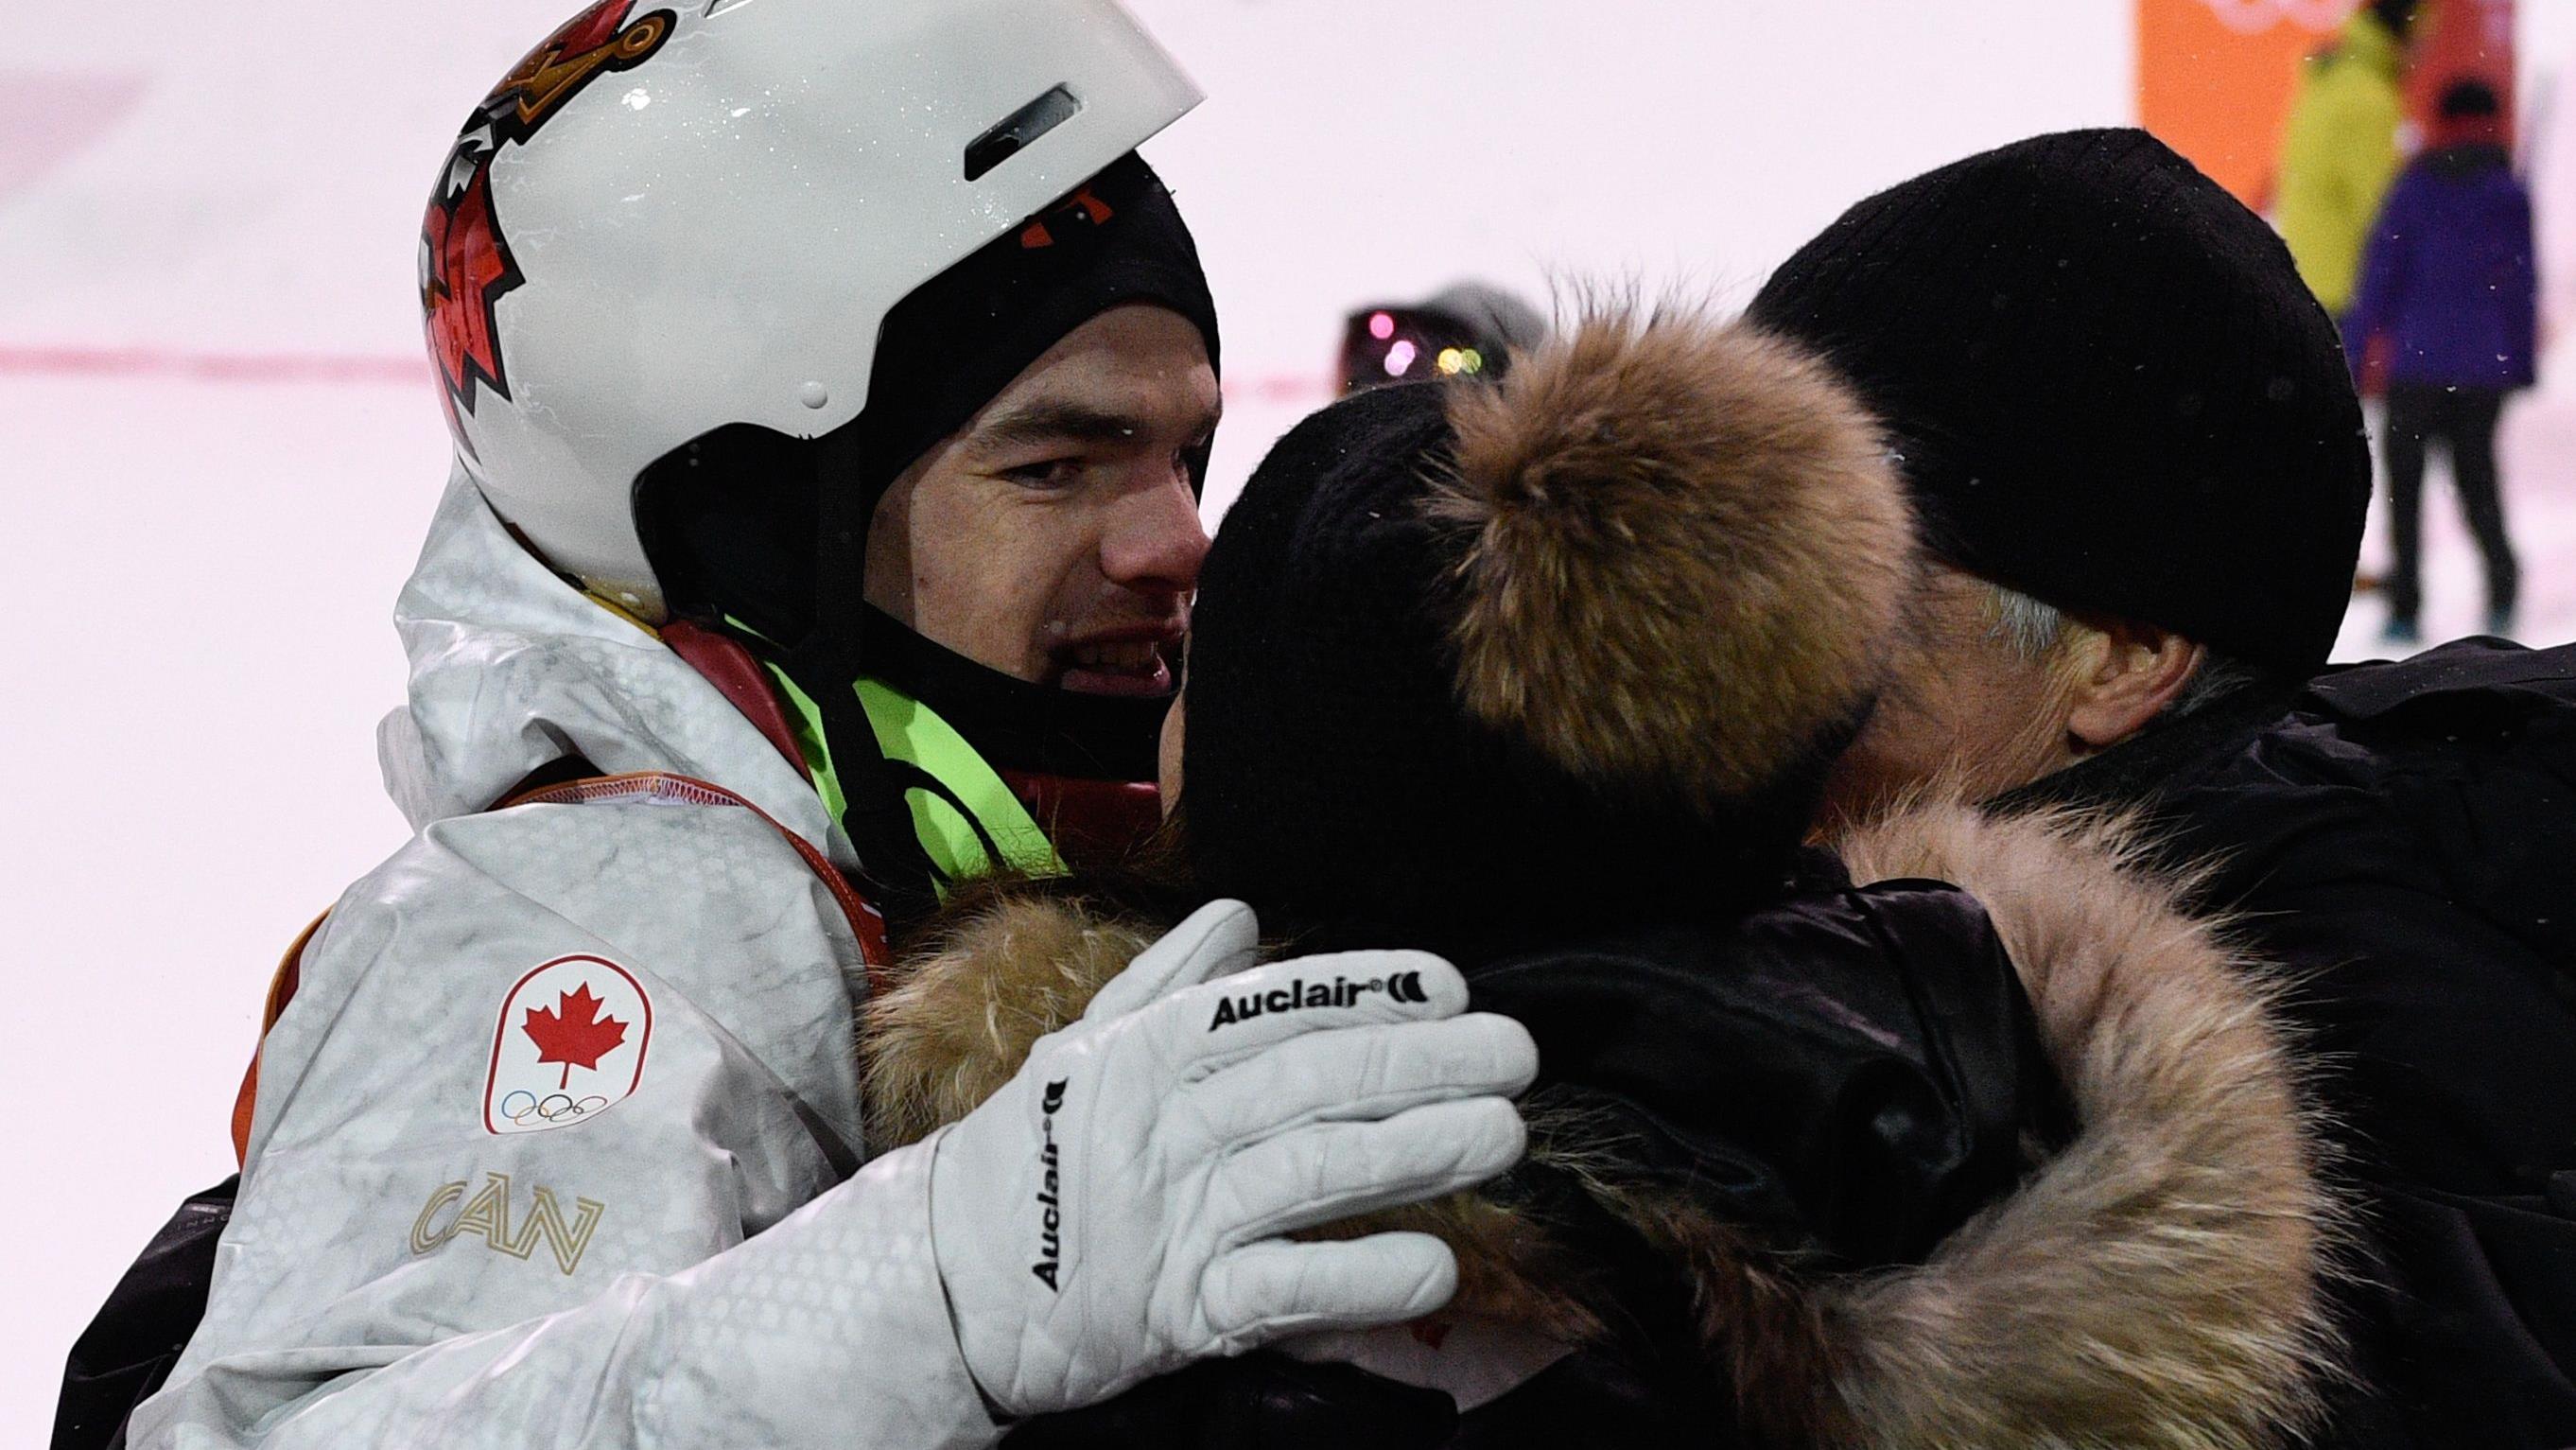 Mikaël Kingsbury reçoit les félicitations de ses parents après la finale des bosses des Jeux olympiques de Pyeongchang.